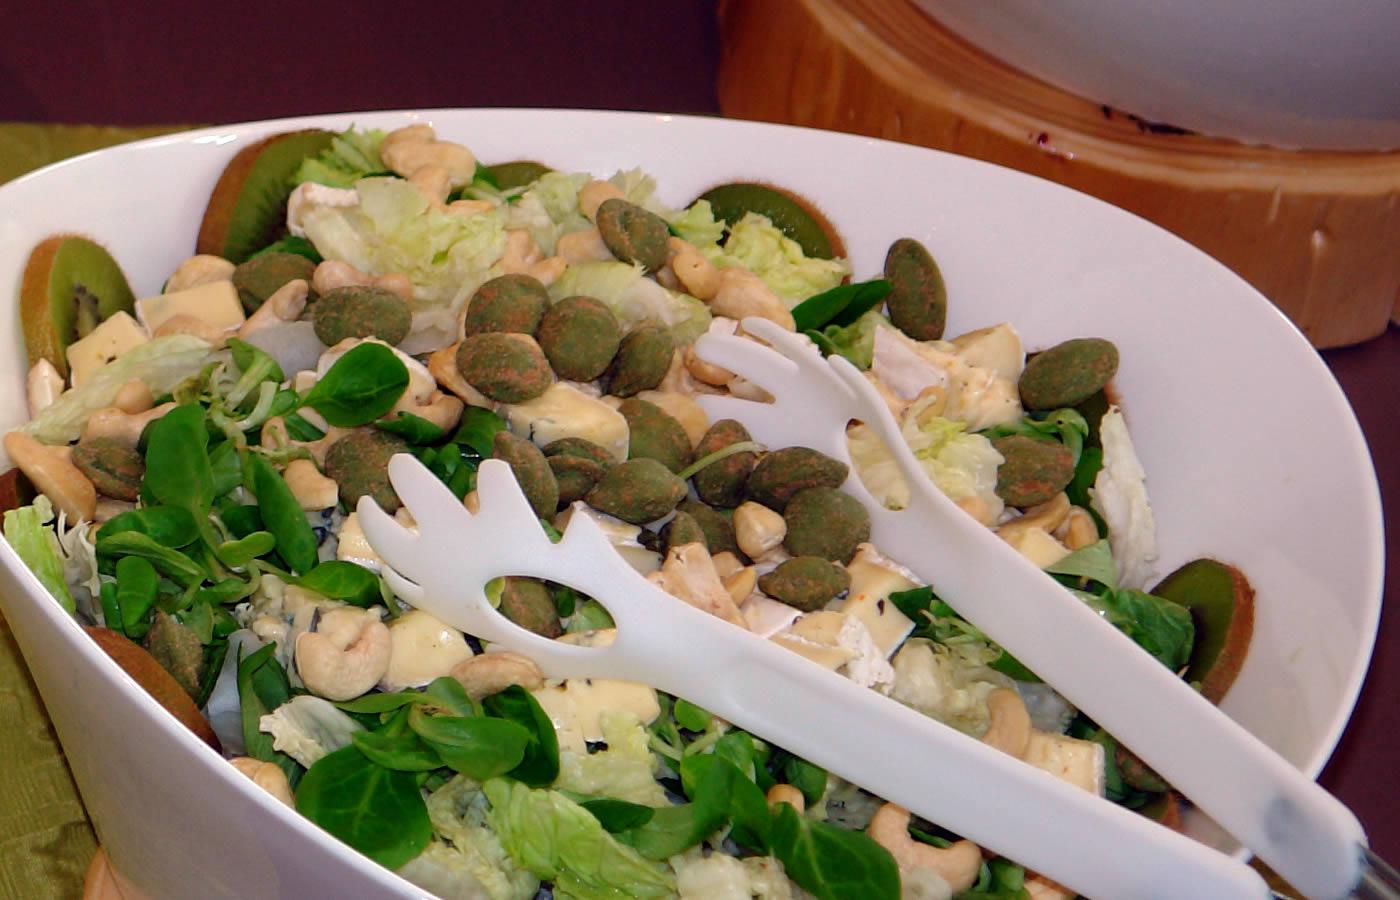 Gesunde Salatvariationen im Hotel Natürlich, Tirol.